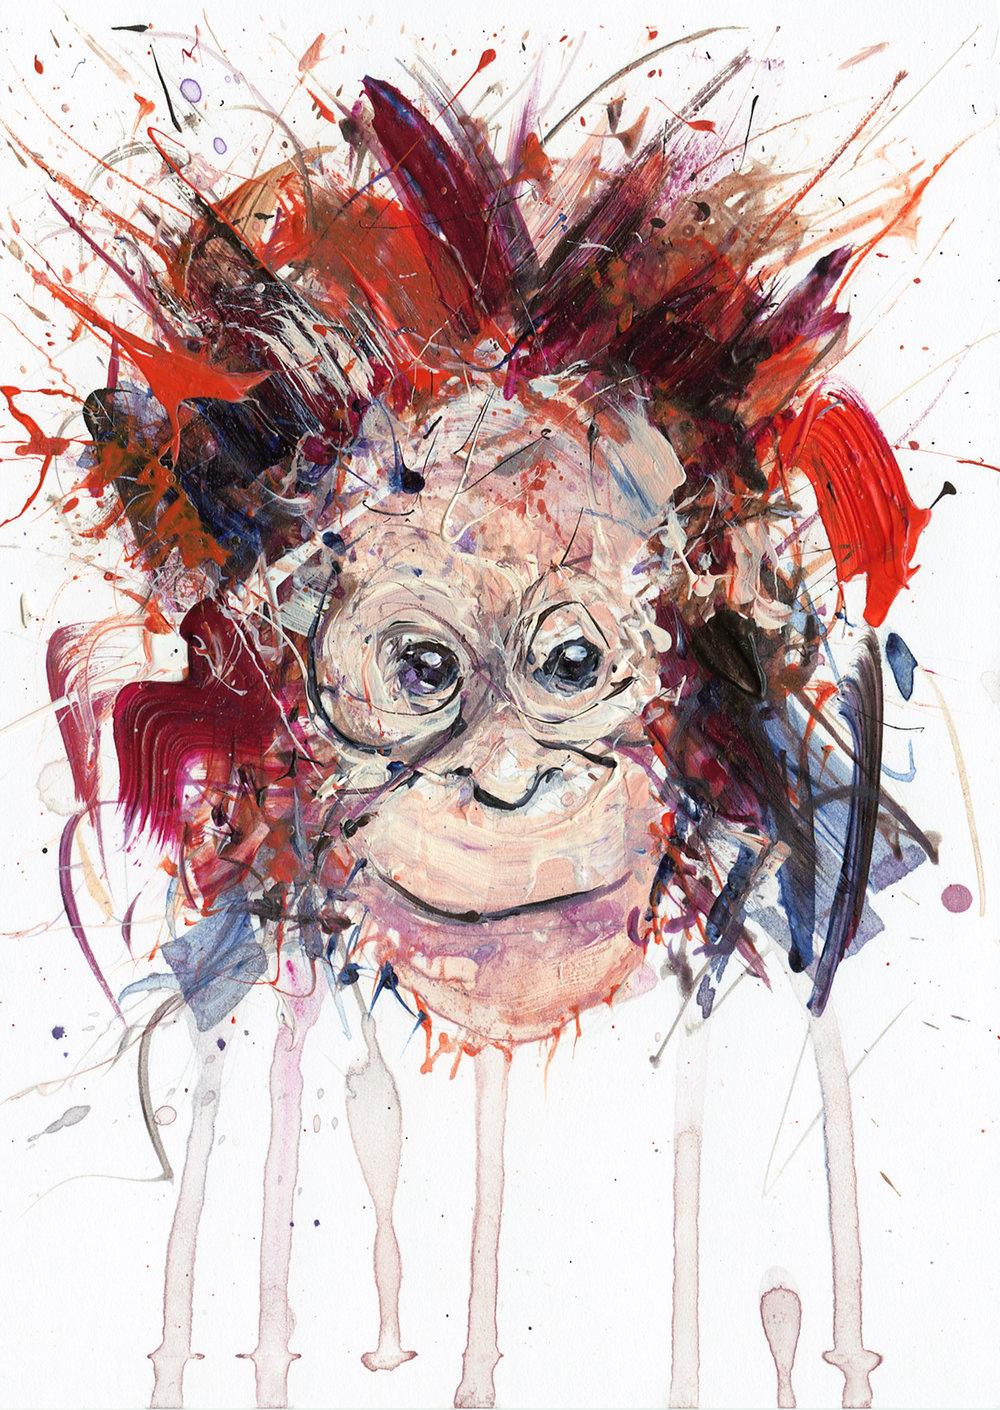 Dave White - Young Orangutan